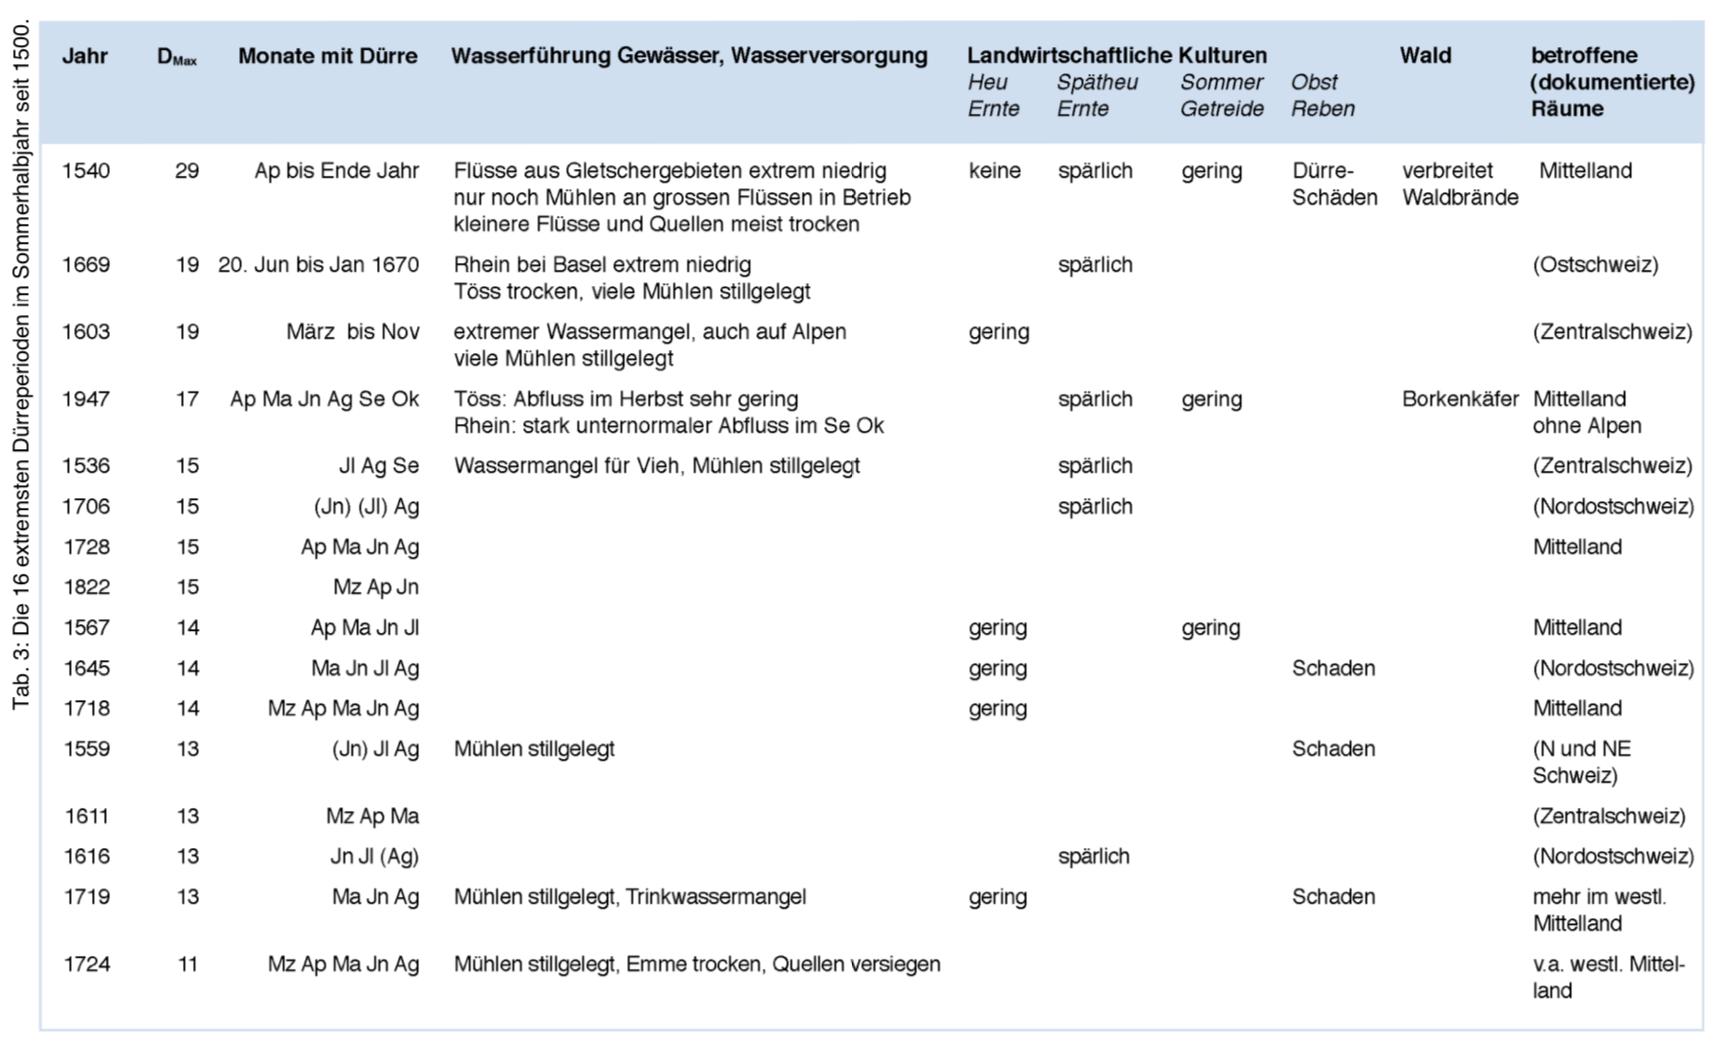 Extremste Dürreperioden in der Schweiz seit 1500